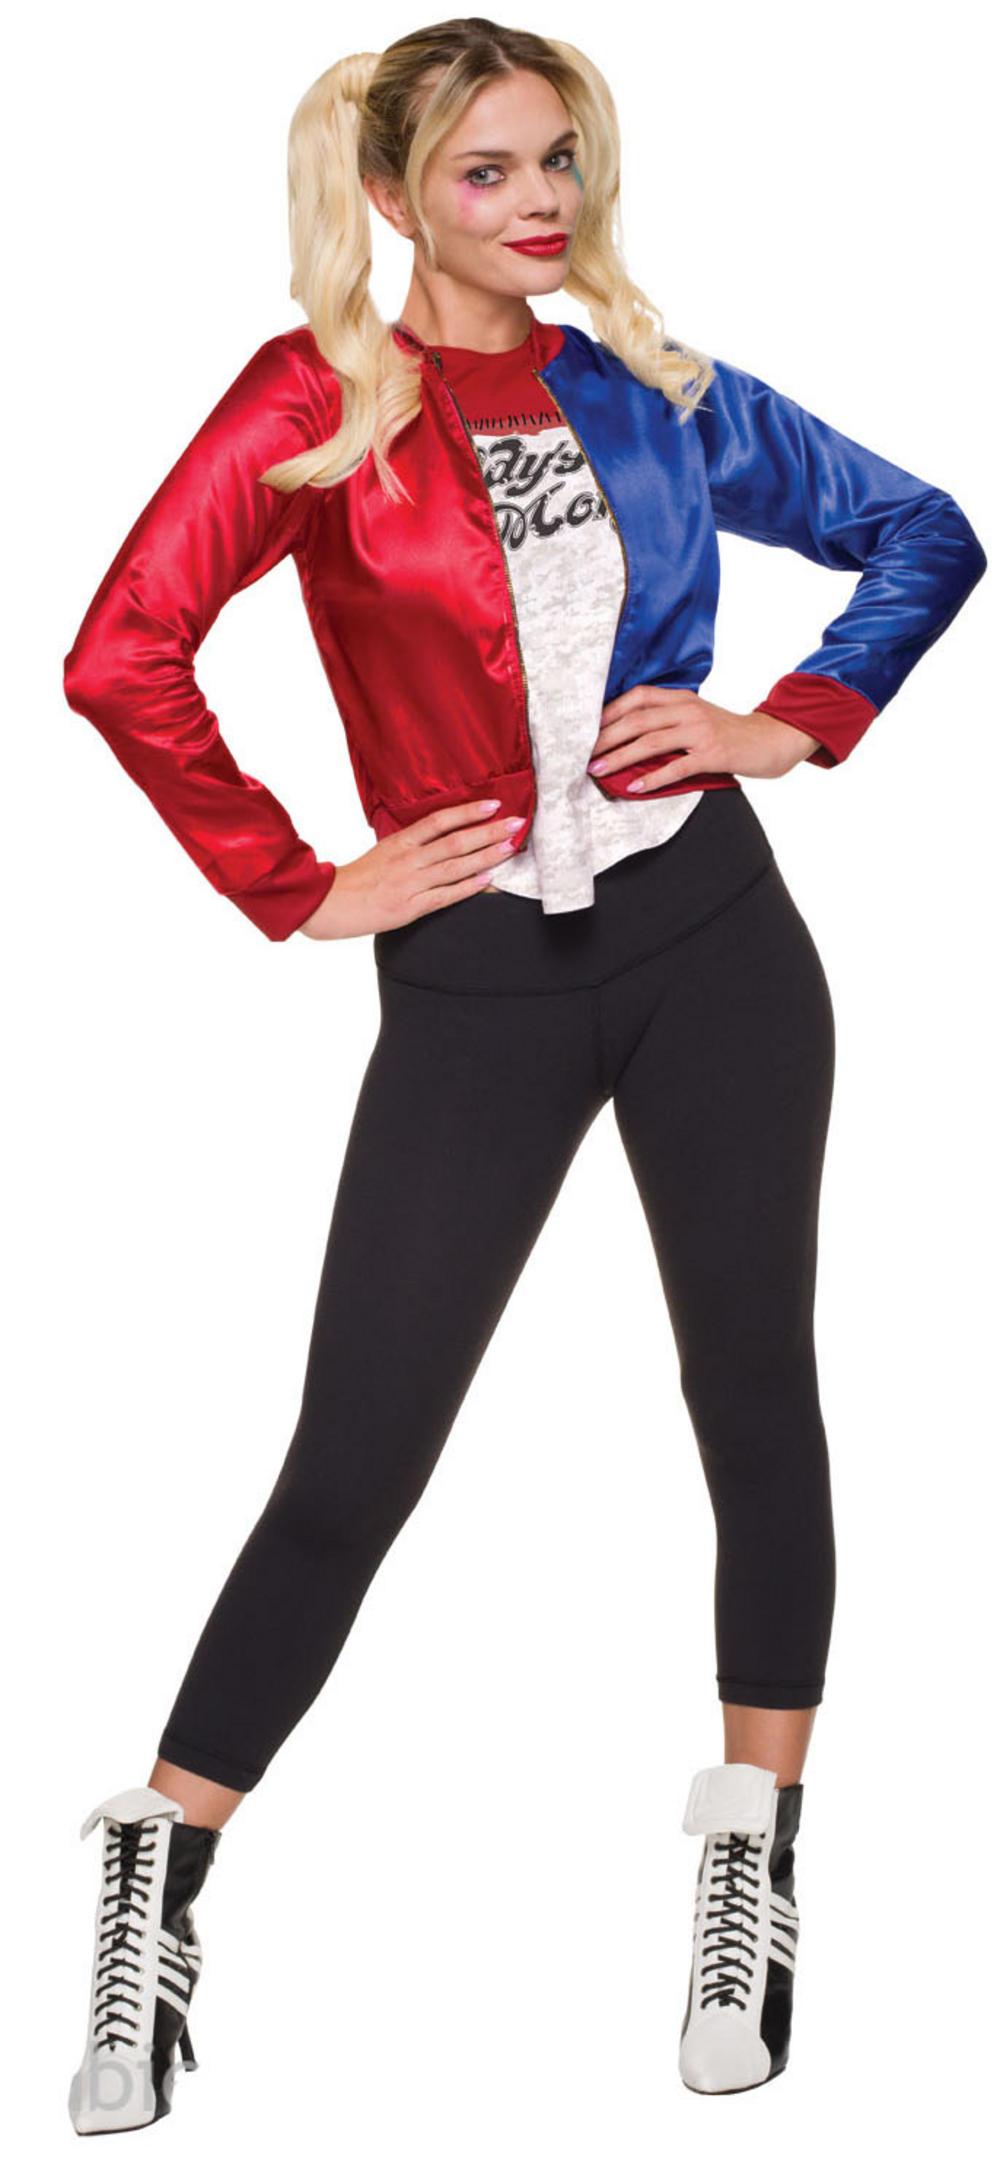 Harley Quinn Villian Costume Kit